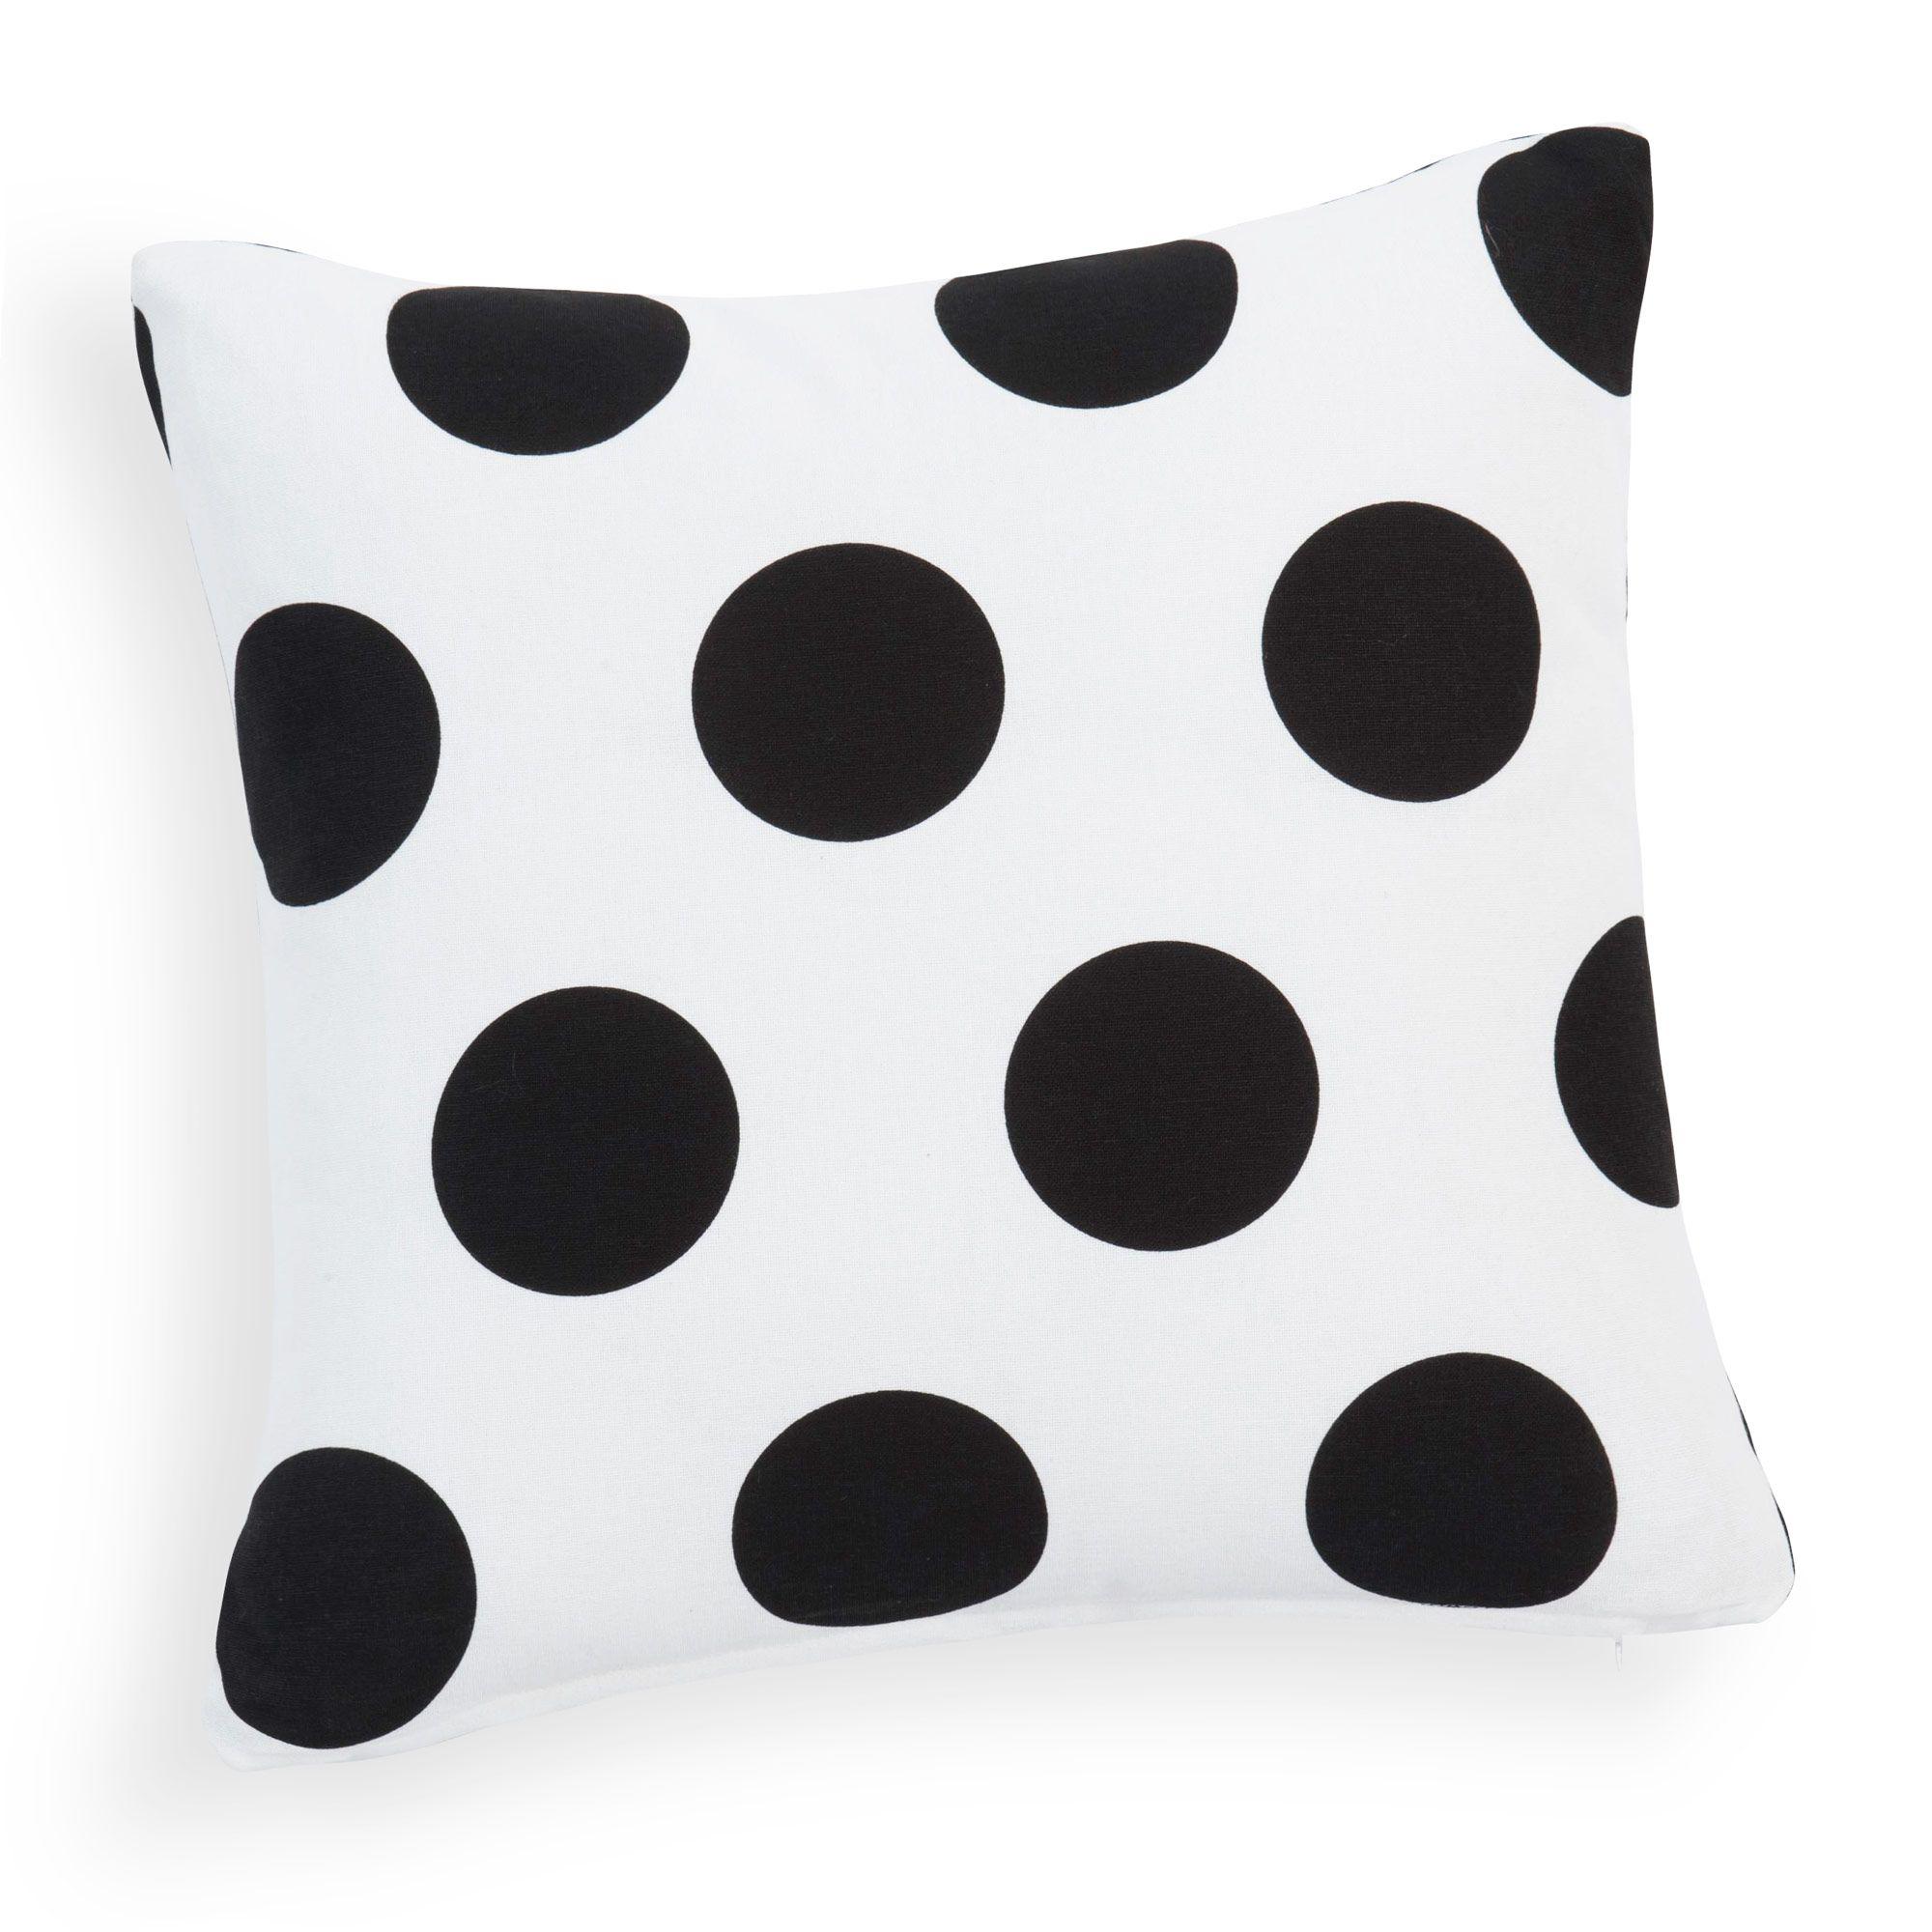 Kissenbezug DOTS gepunktet aus Baumwolle, 40 x 40 cm, weiß/schwarz | Maisons du Monde für 5,99 EUR